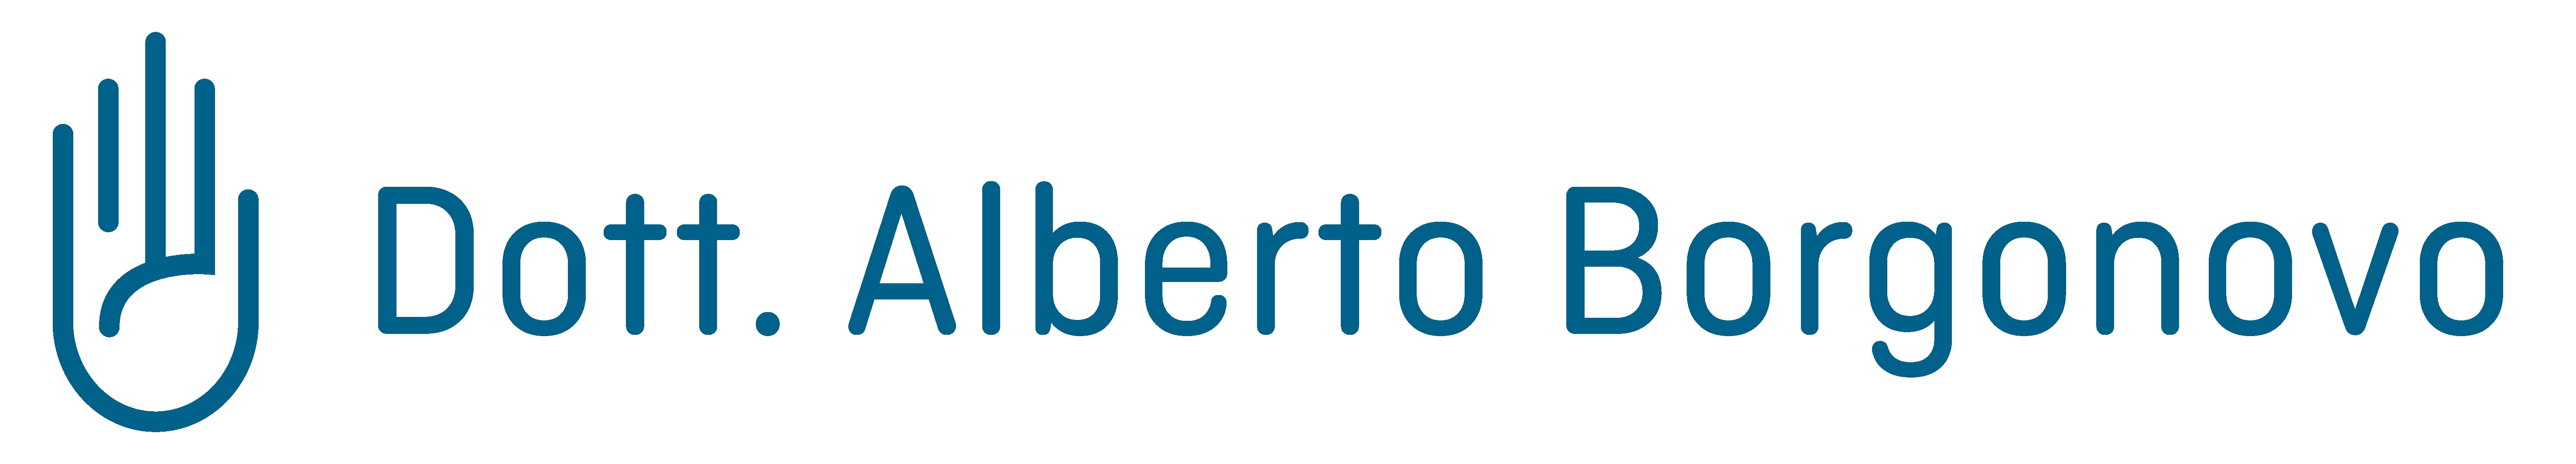 Alberto Borgonovo_logo_colori